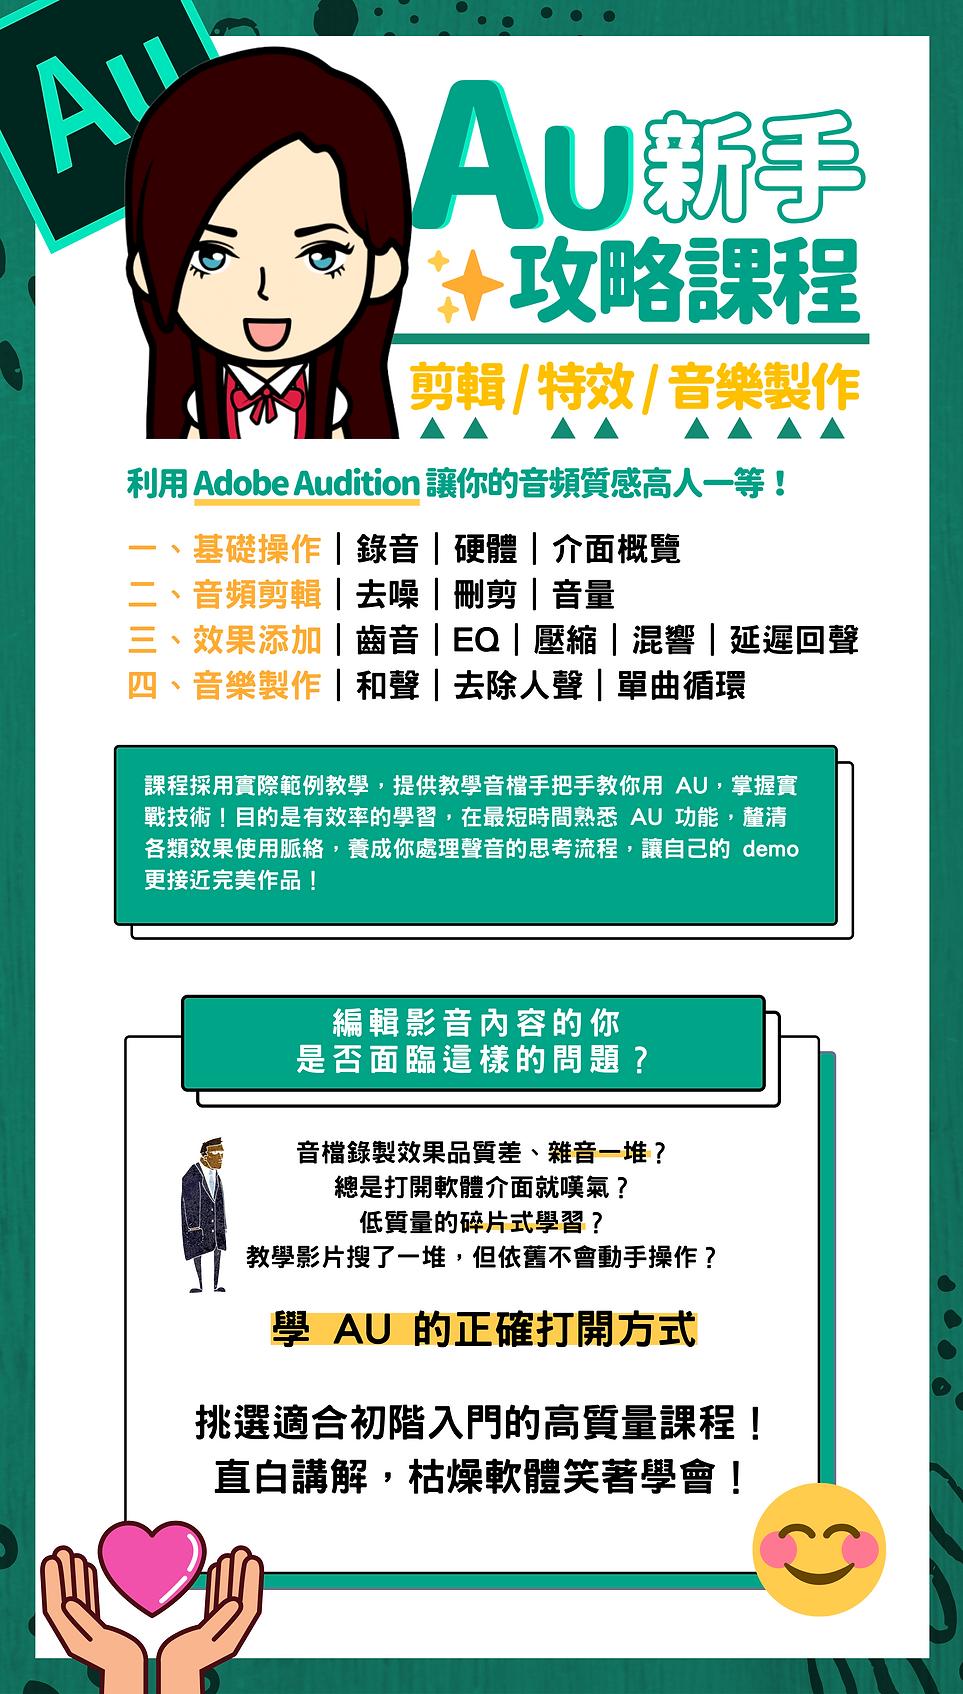 (1) 課程說明 -  AU 新手攻略課程.png